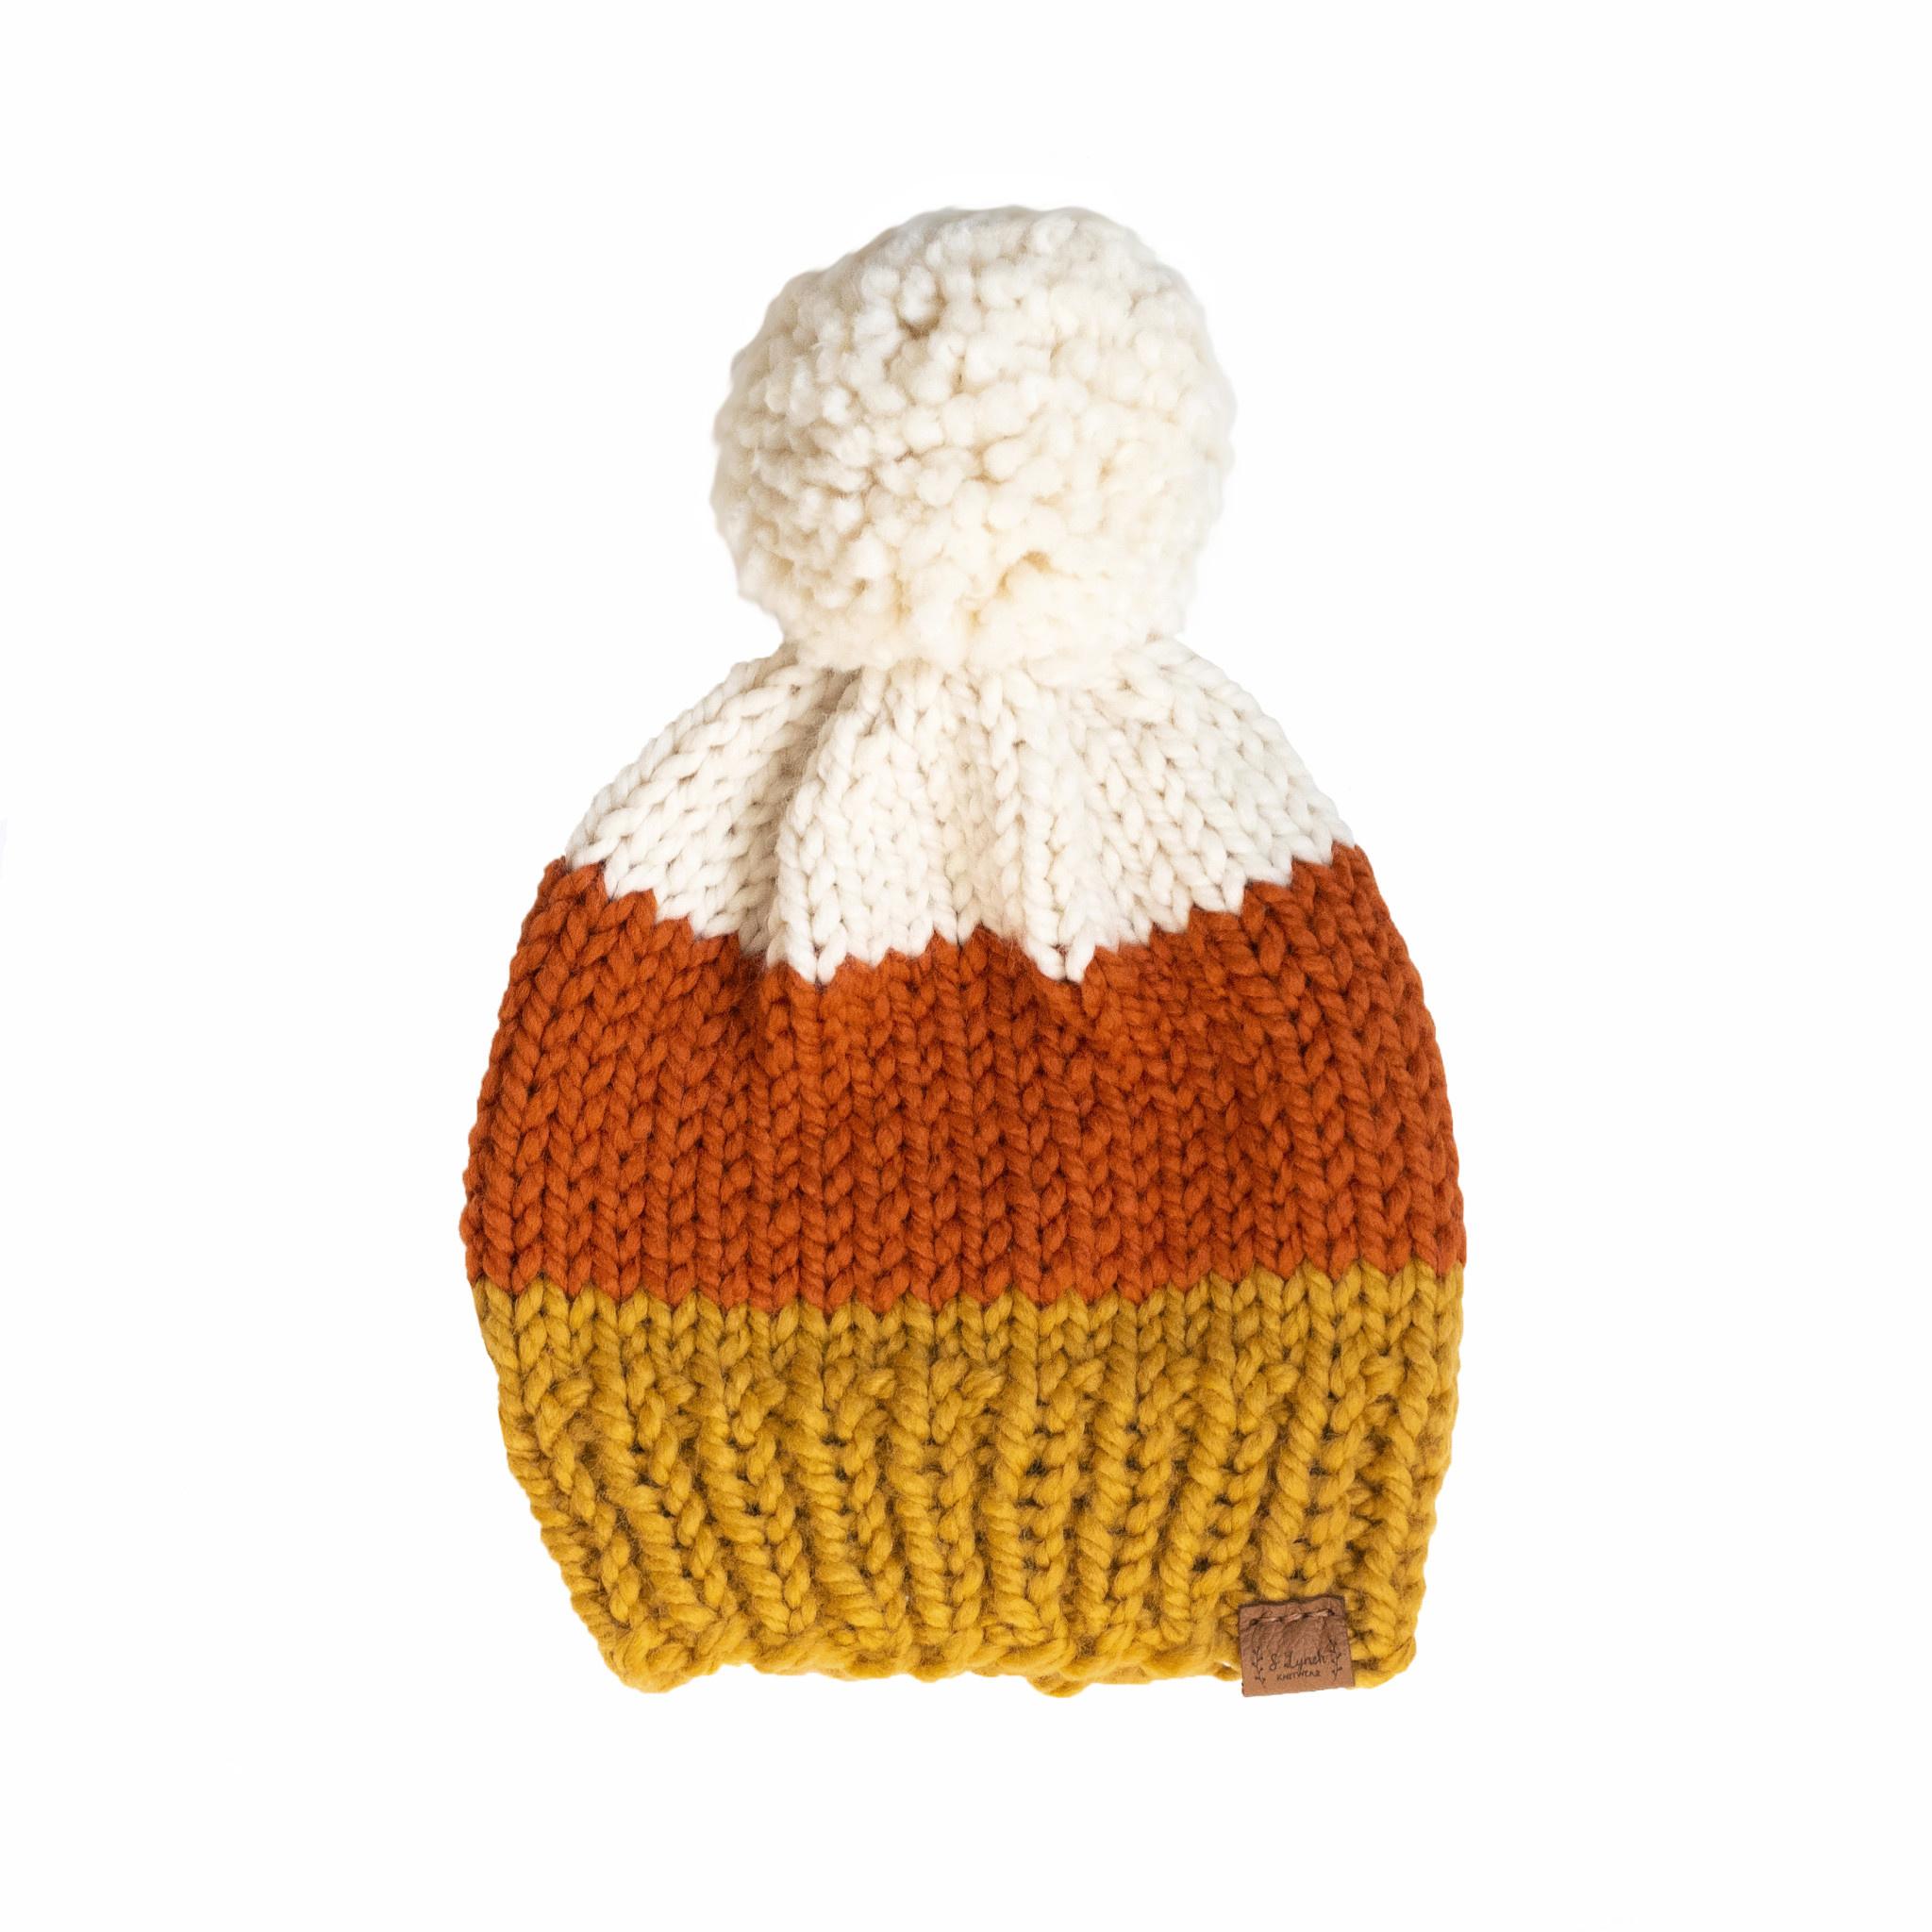 S. Lynch Knitwear S. Lynch Knitwear Adult Hat - Candy Corn